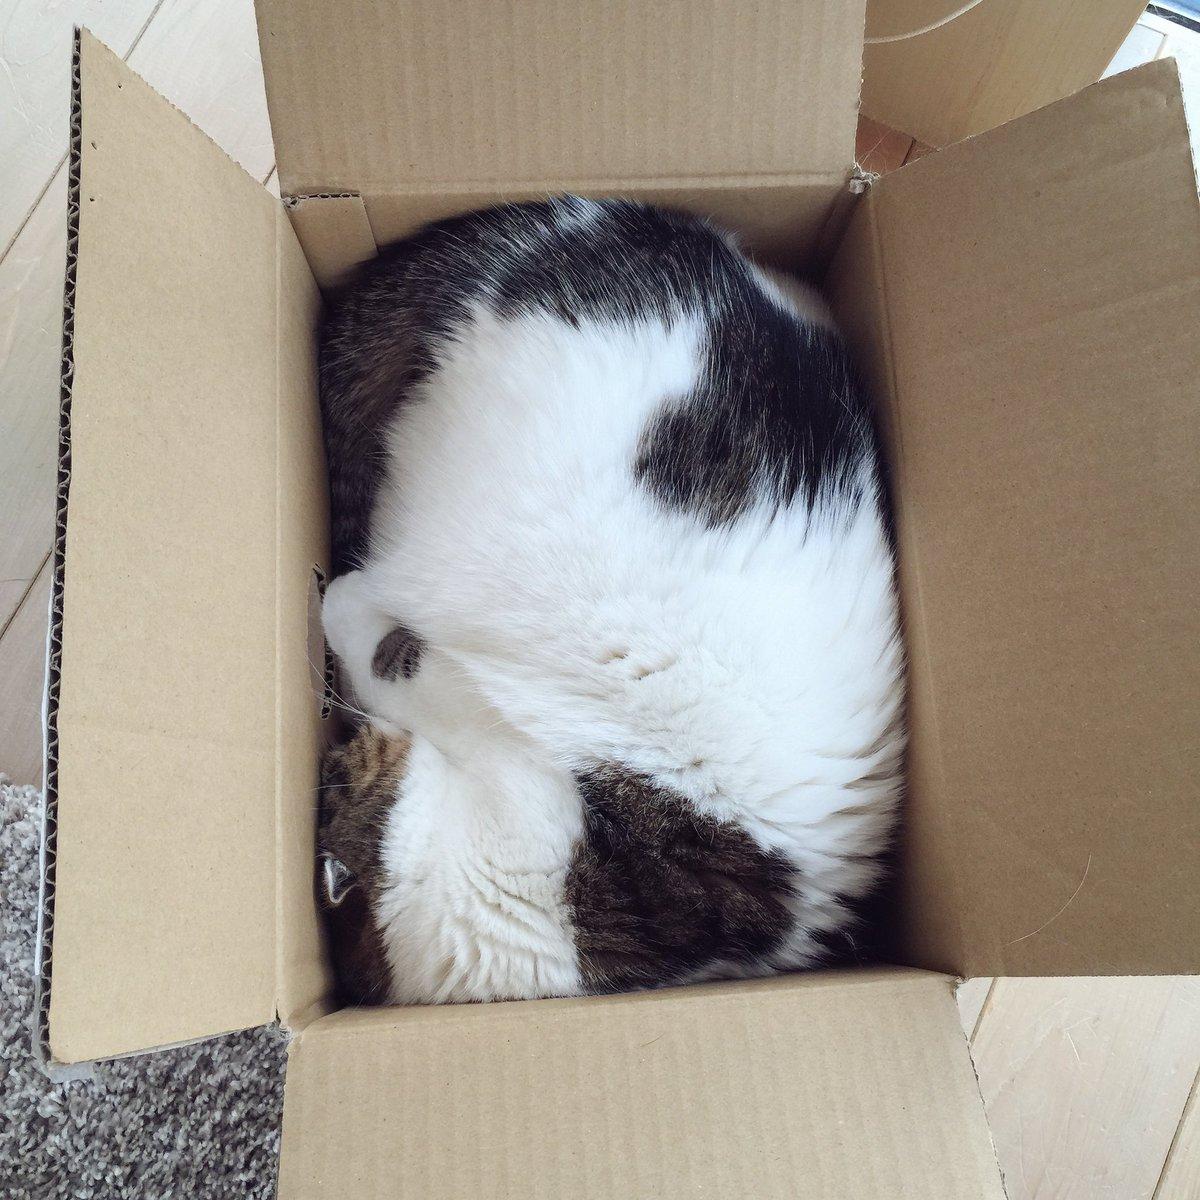 箱の中でモゾモゾする度に、横に空けた穴からいろんなものが飛び出す(笑) pic.twitter.com/RF8HgjjYwF